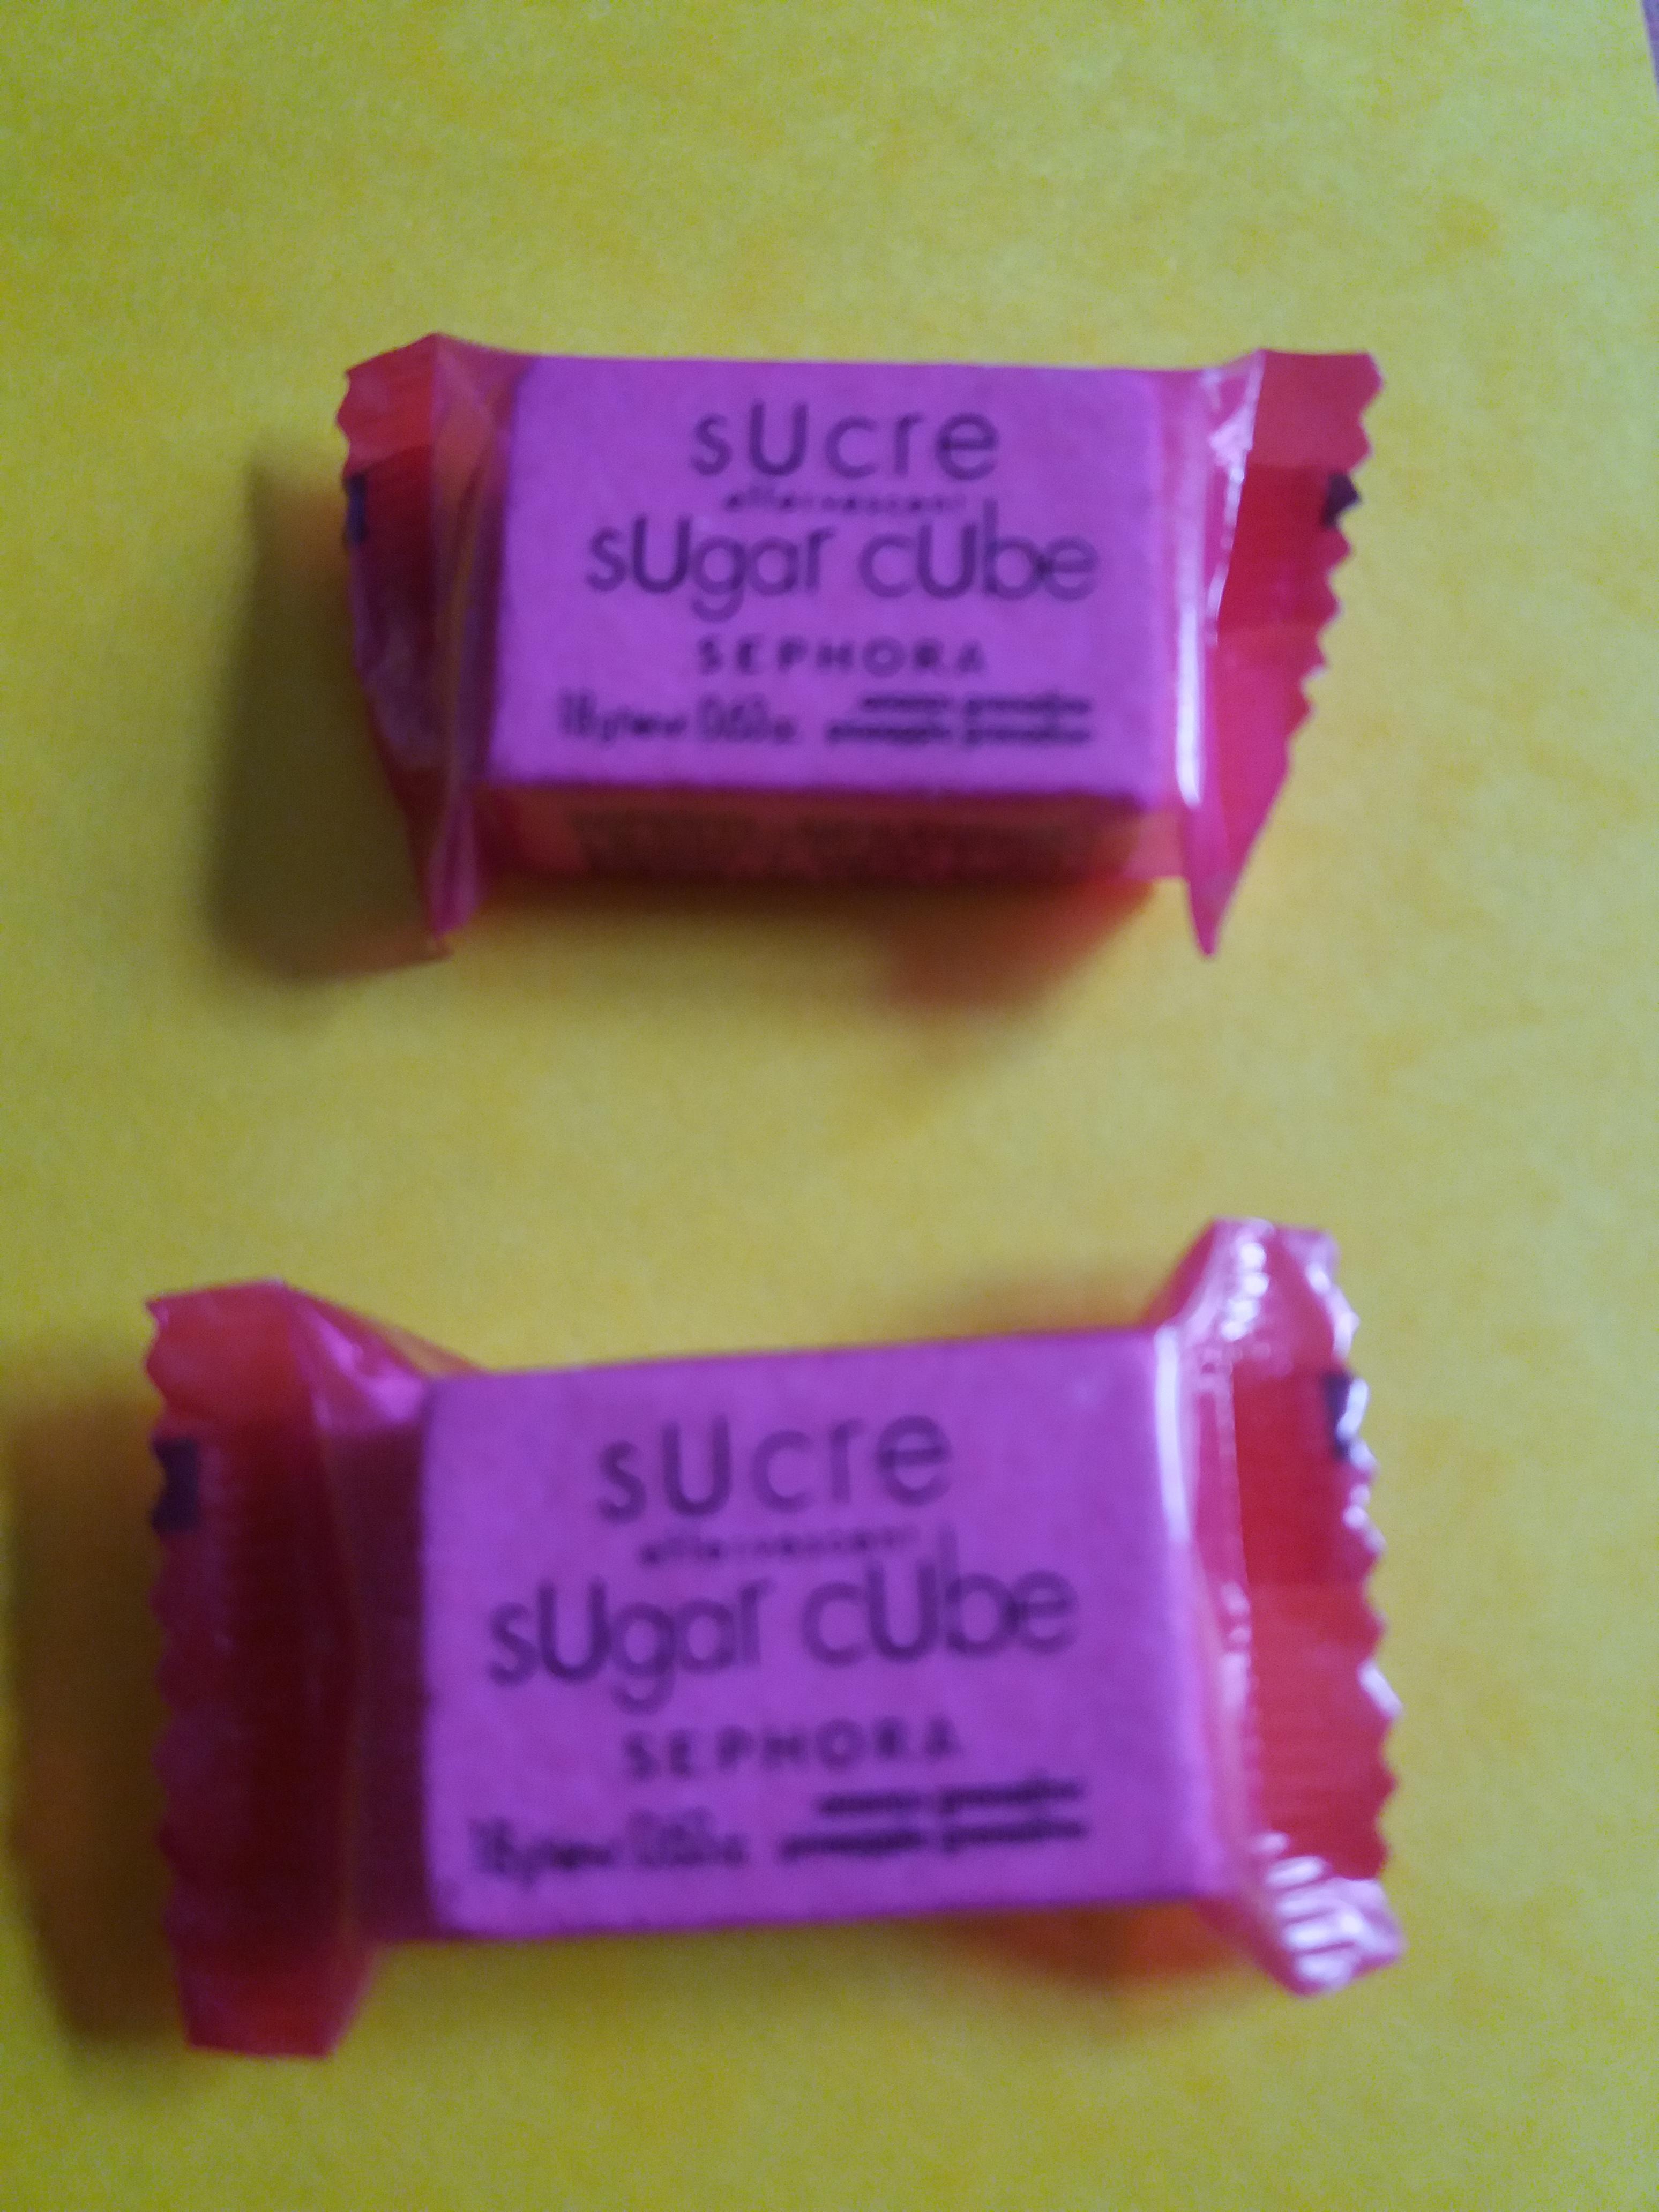 troc de troc sugar cube  pour bain image 0